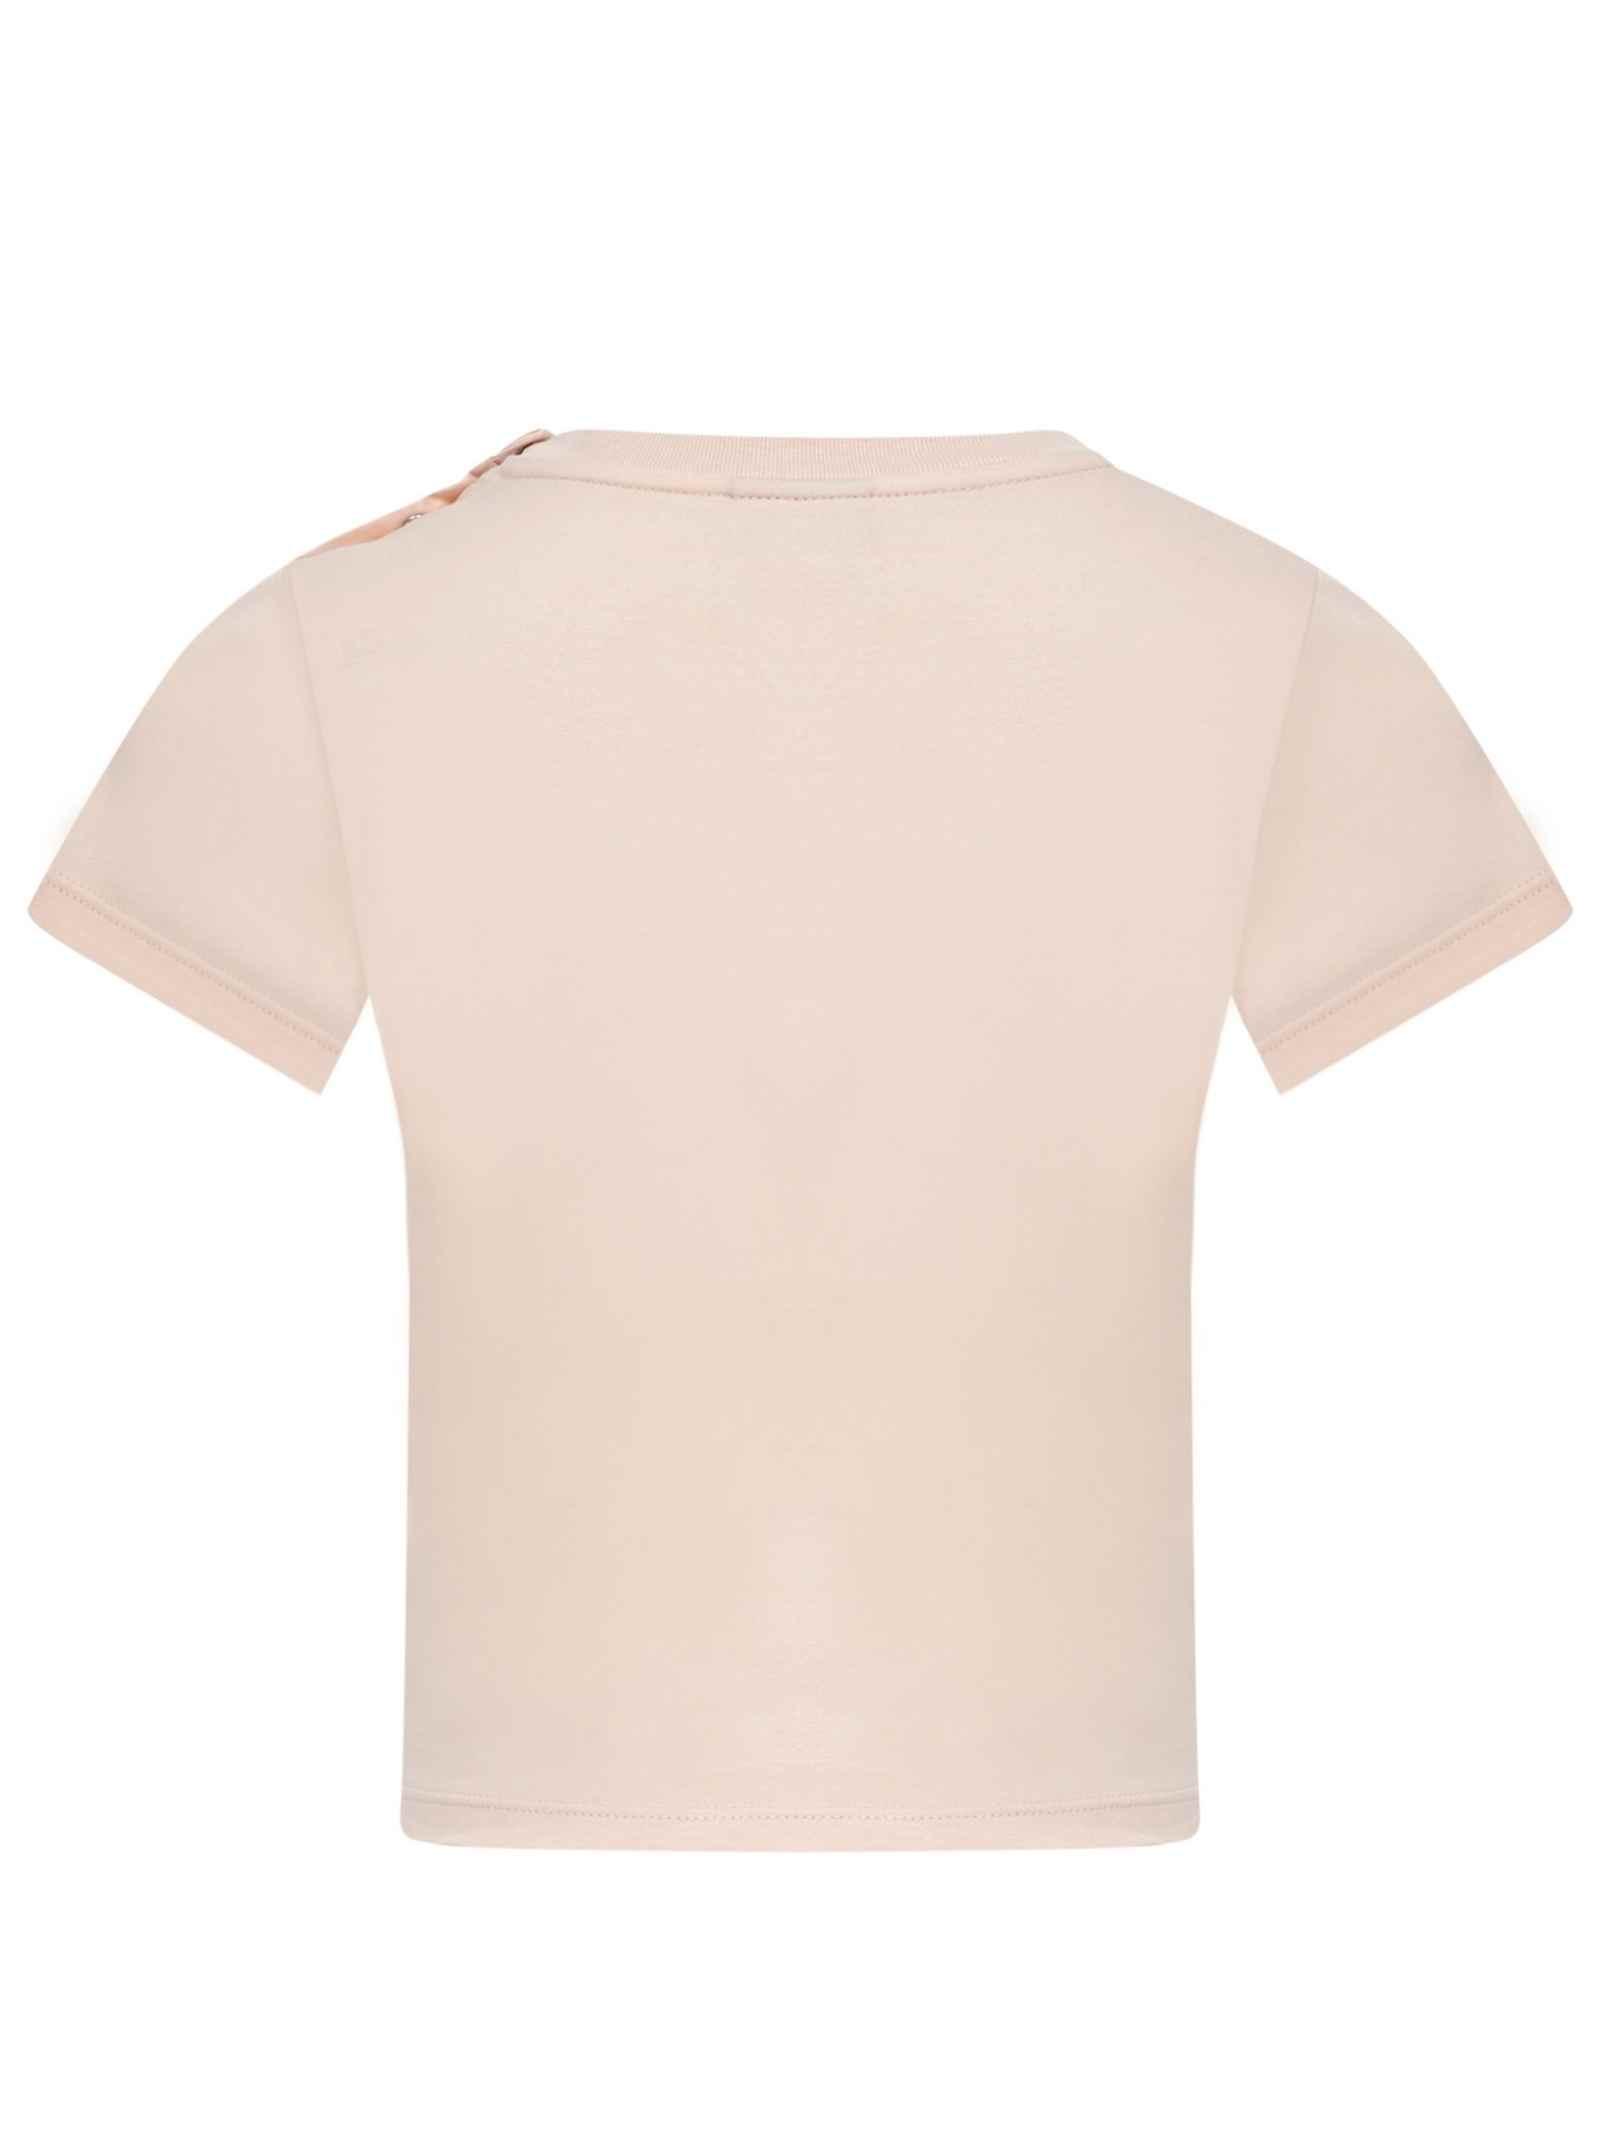 Fendi | T-shirt | BUI019 AEXLF16WG